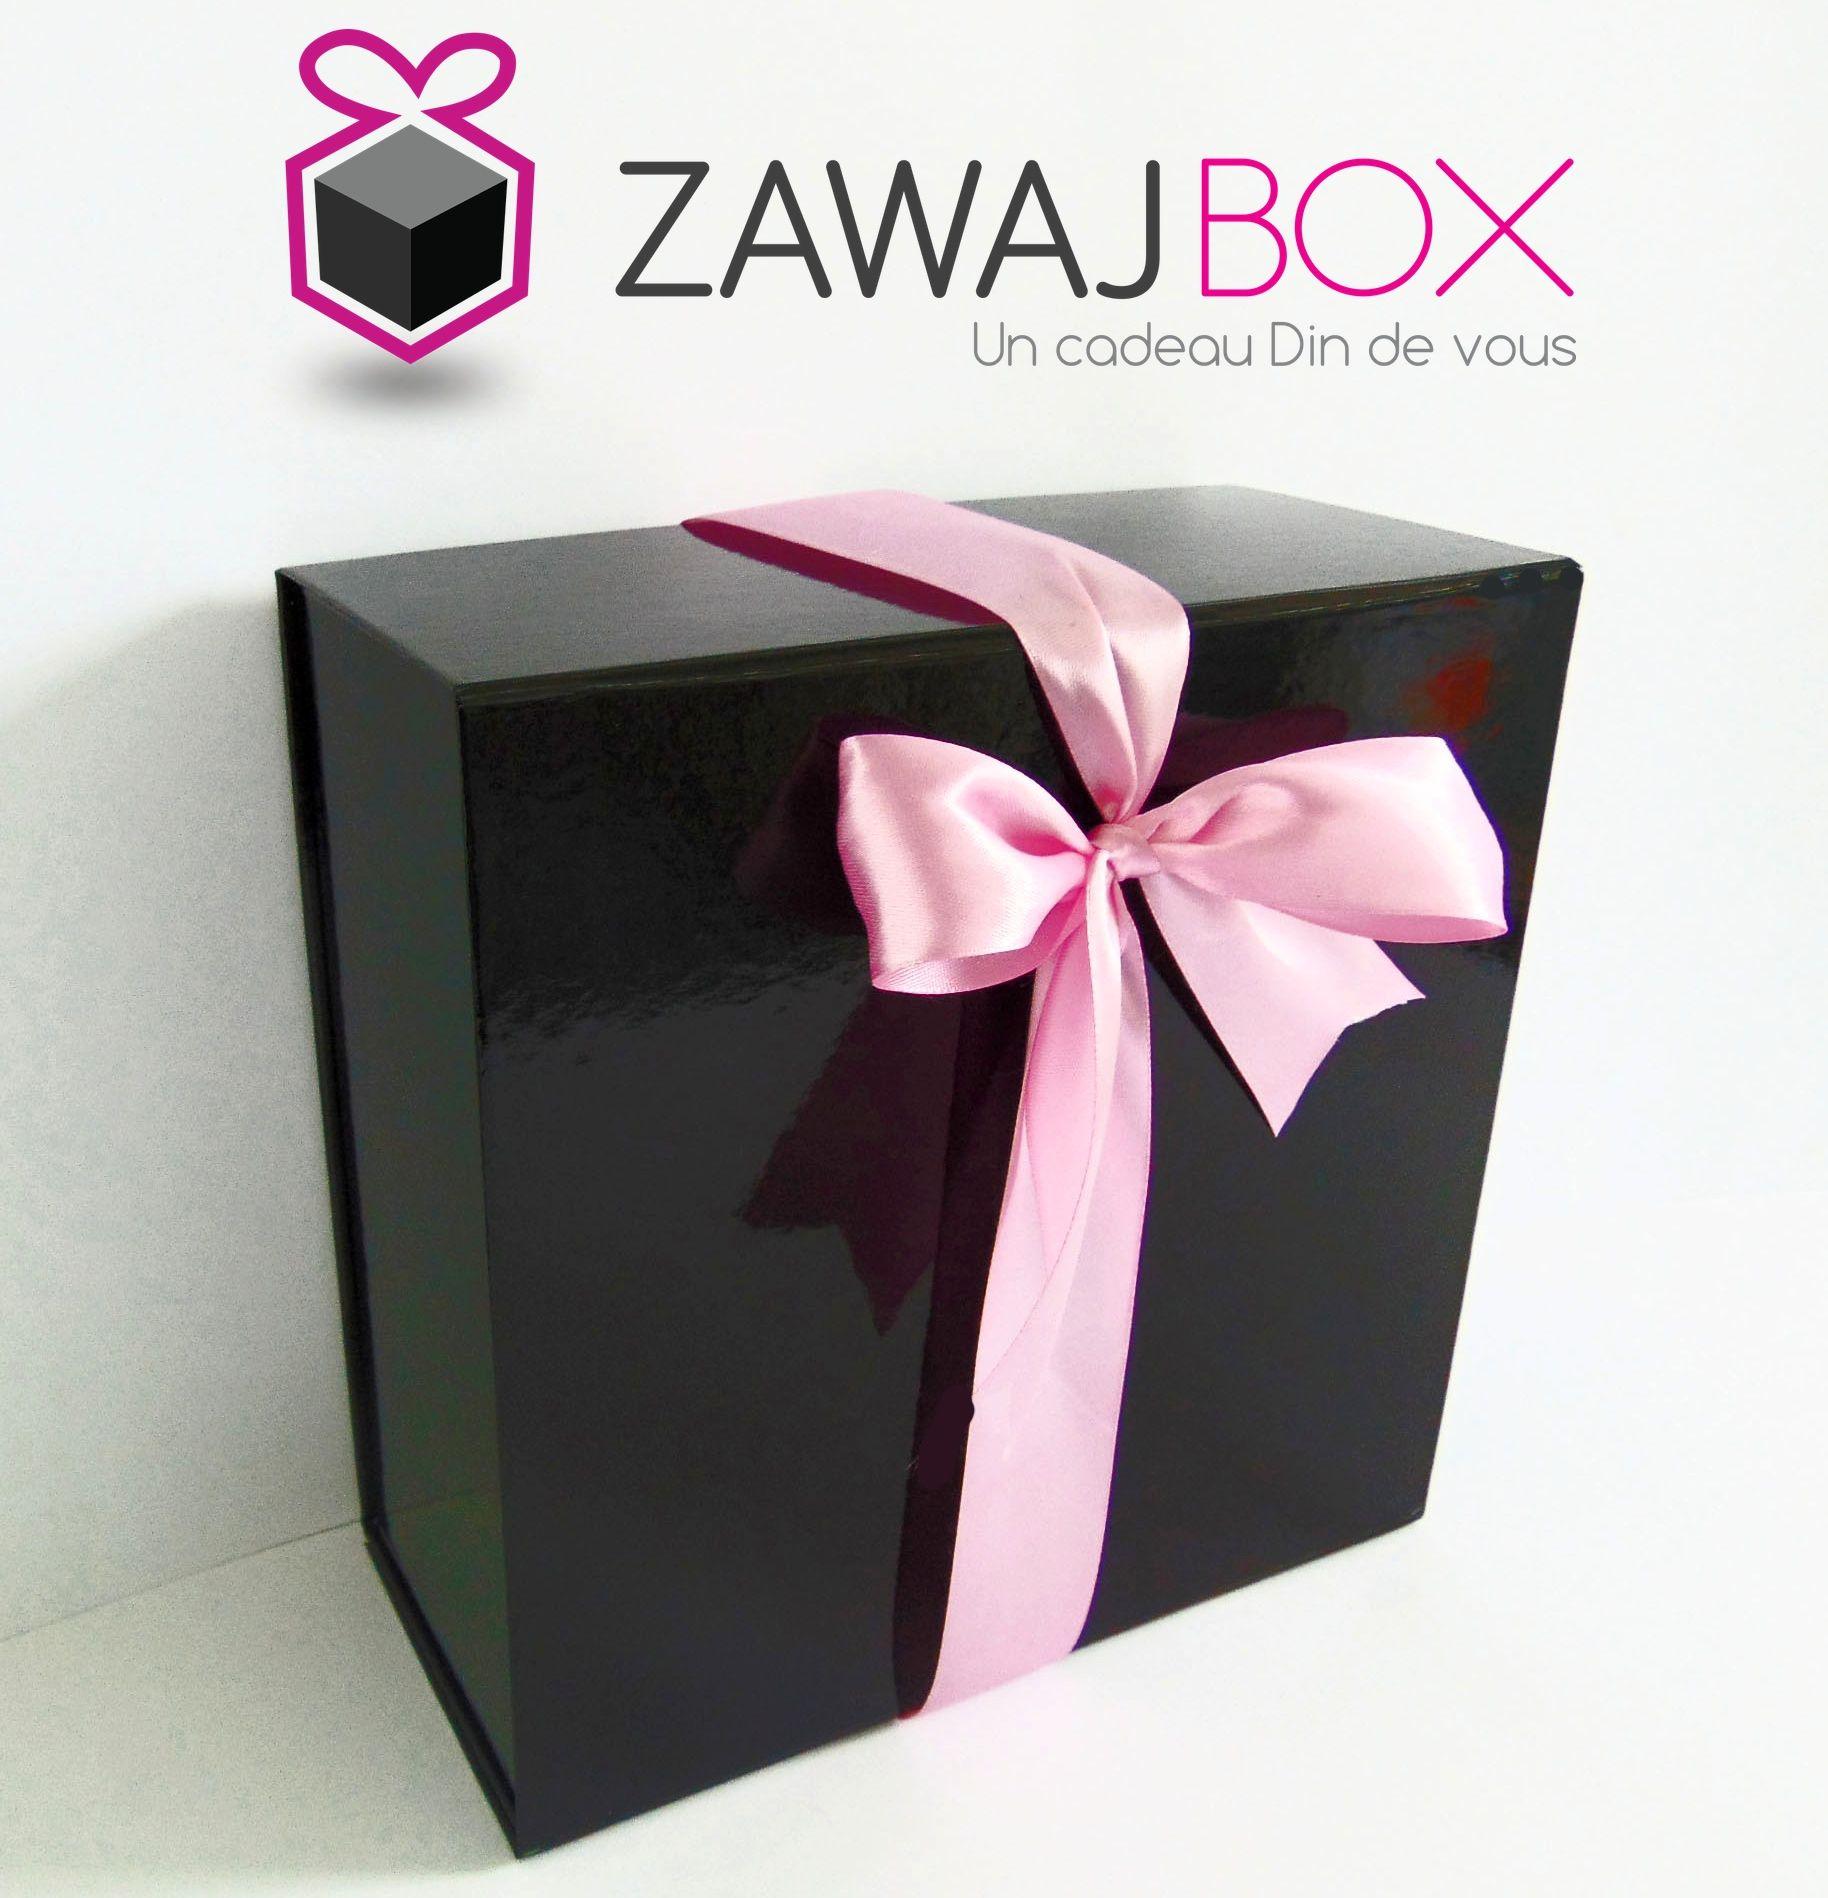 Top PinkLady #ZawajBox® Coffret cadeau pour les couples, ou a offrir à  ZW33